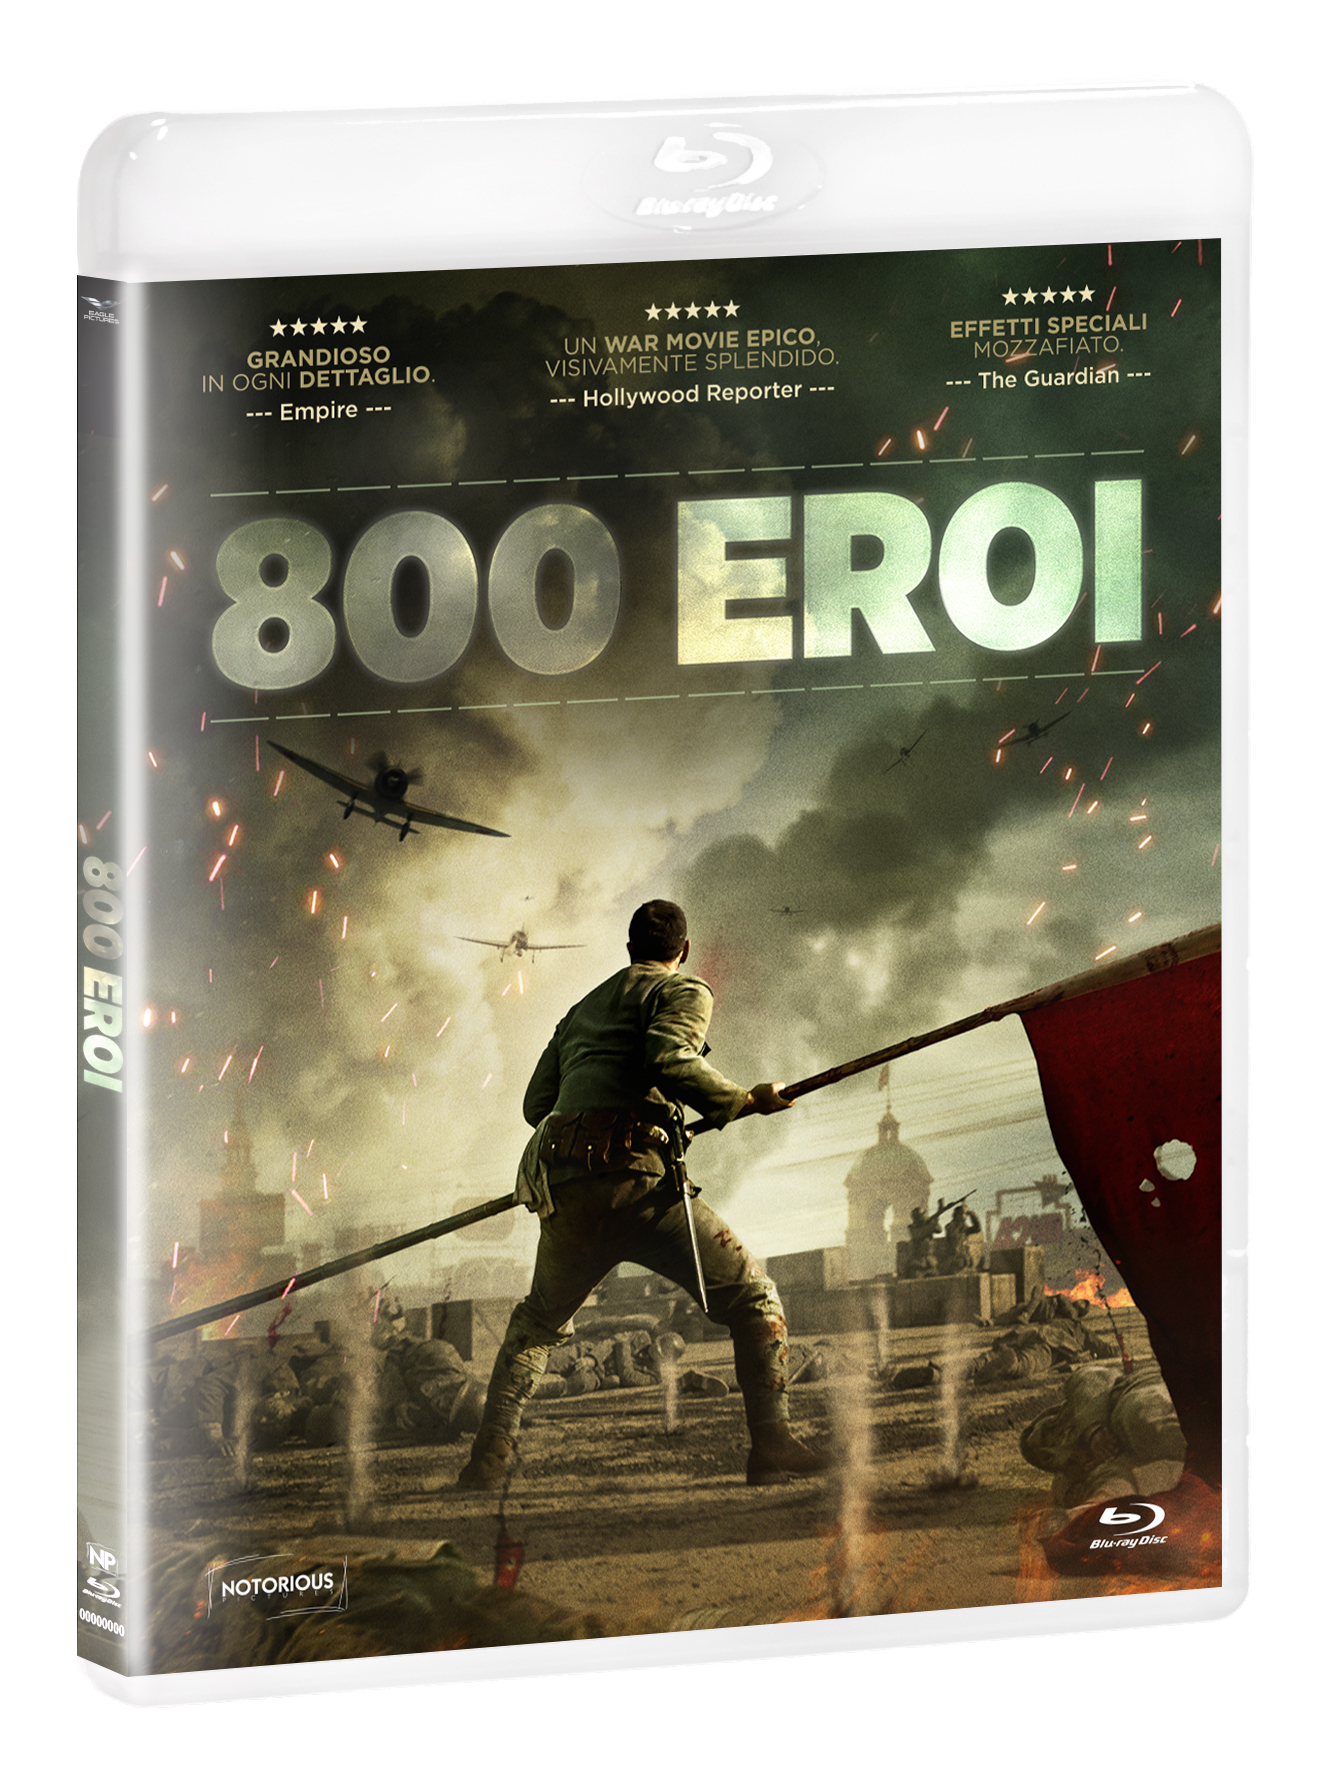 800 EROI - BLU RAY